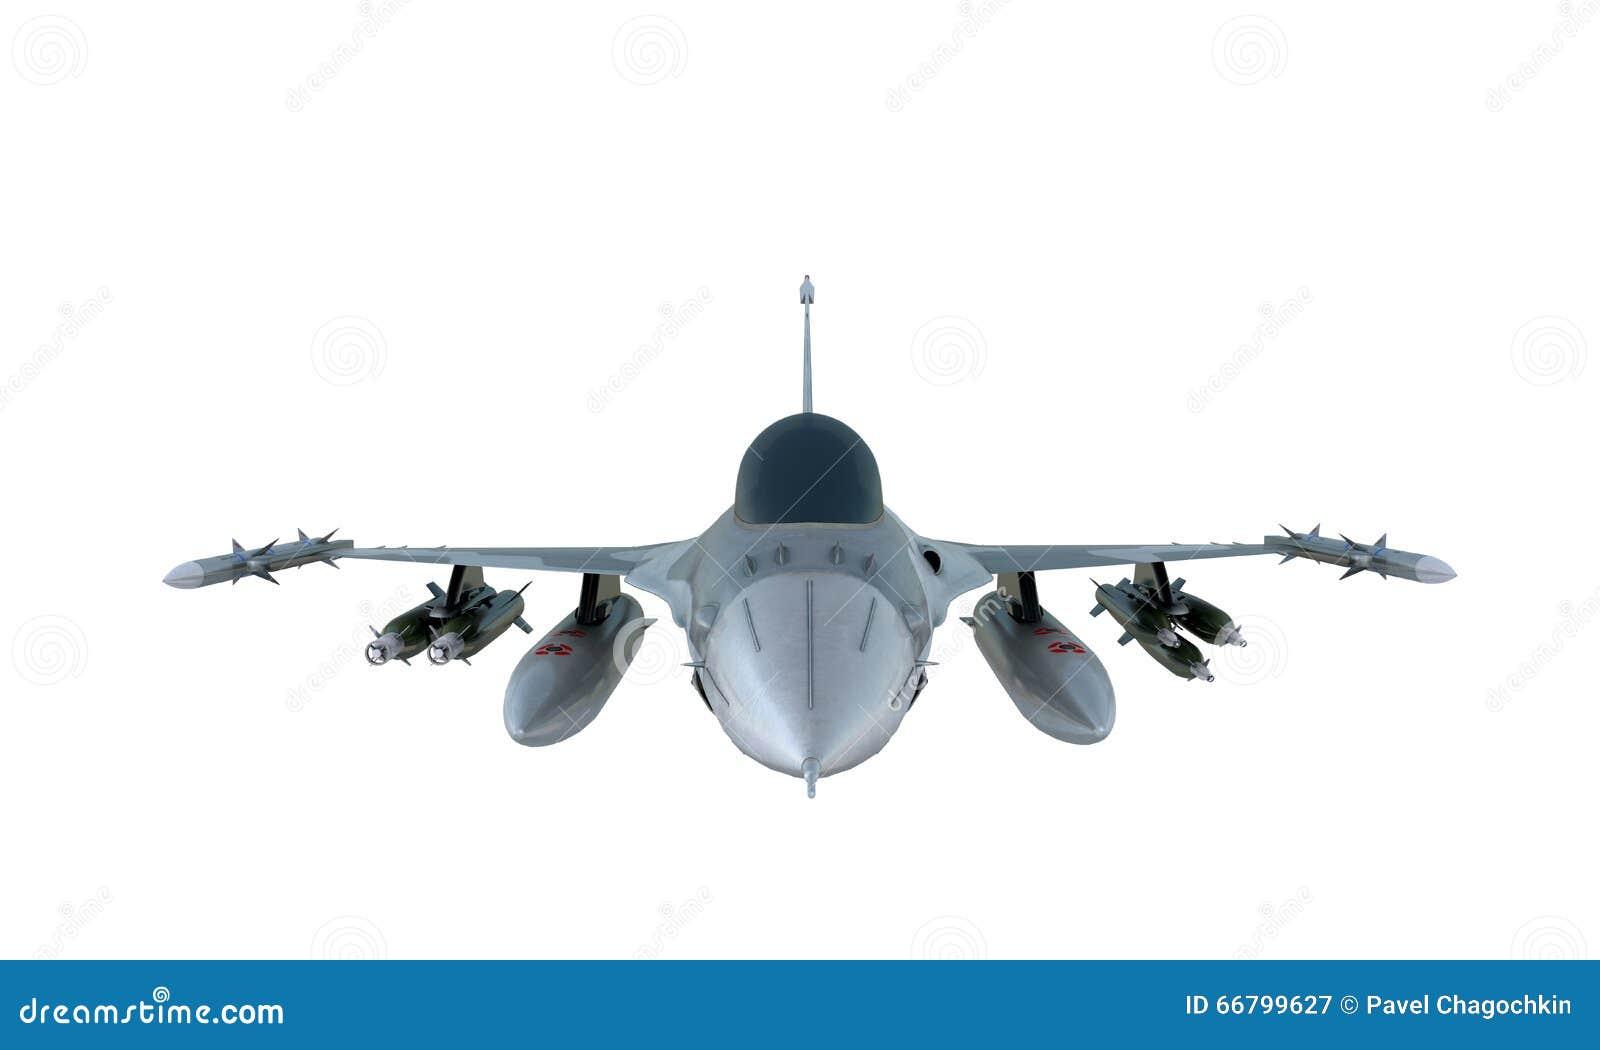 Aereo Da Combattimento Usa : Isolato del f getto su fondo bianco aereo di